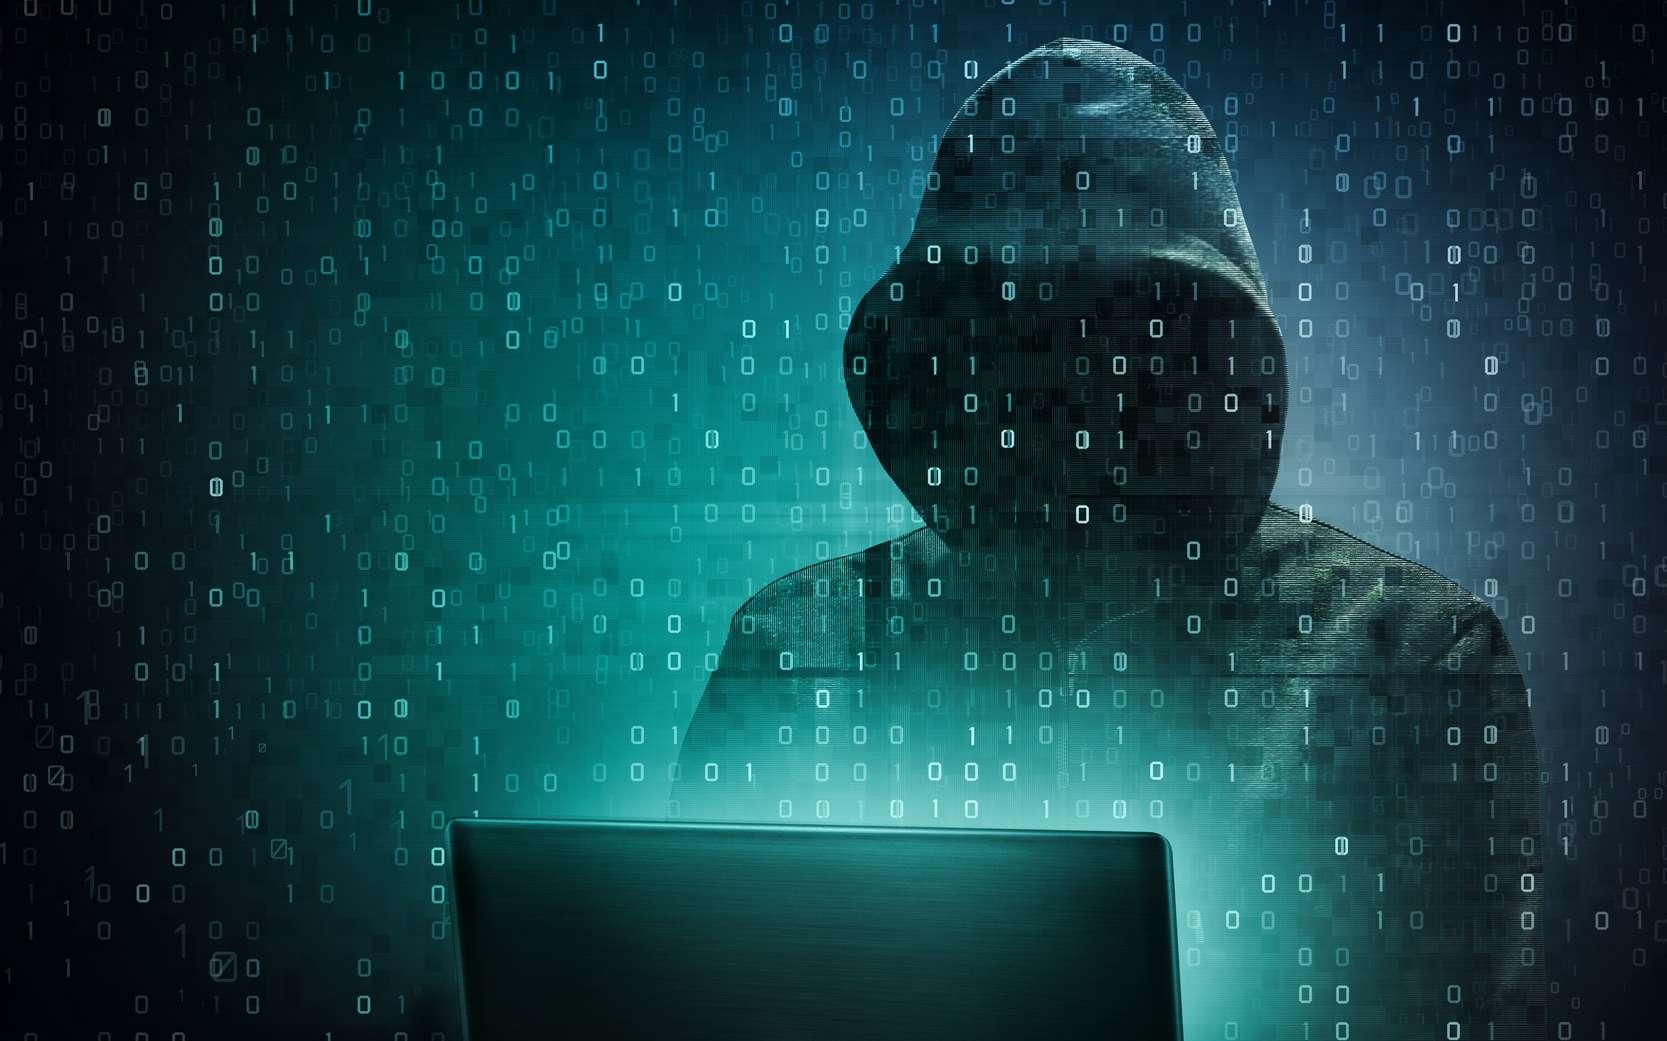 مخترق يستغل ثغرة تقنية و ينجح بسرقة 30,000 من عملات EOS الرقمية